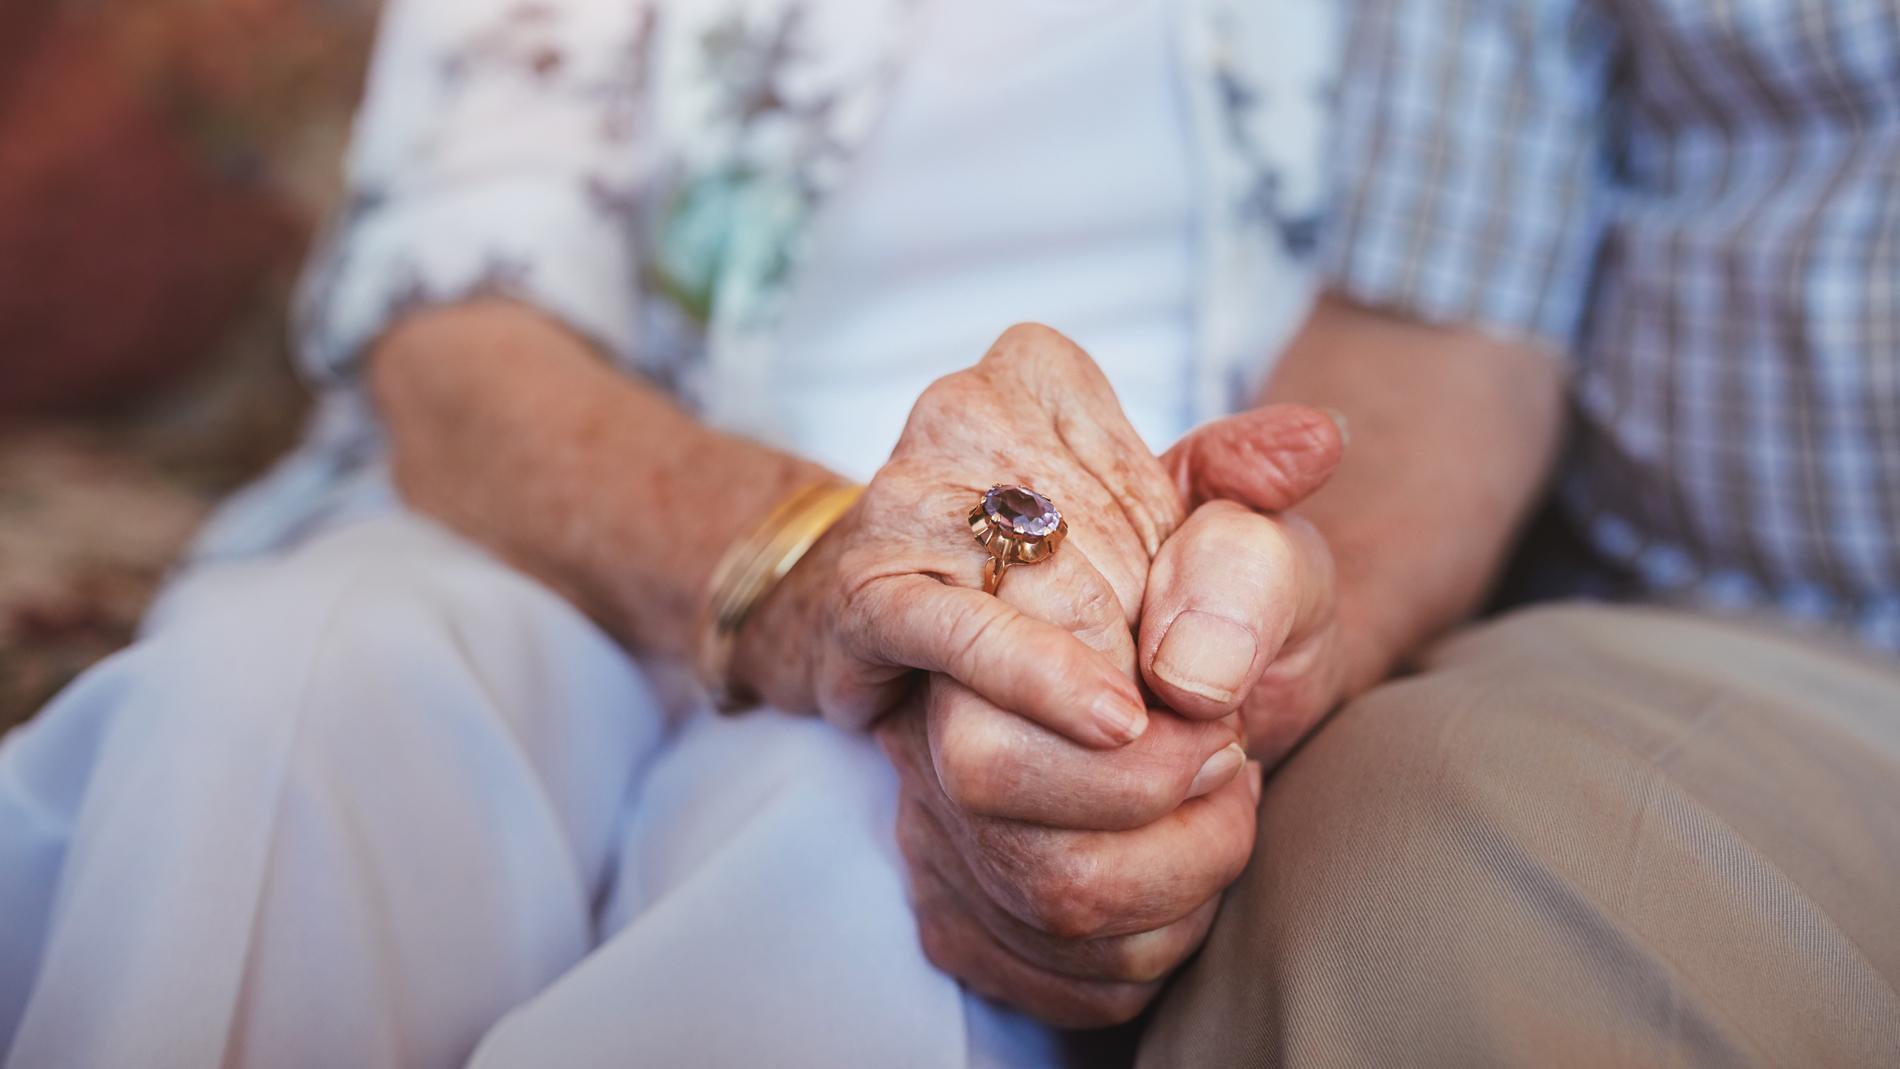 Un matrimonio de mas de 70 años lleva durmiendo dos noches en un parque tras su desahucio